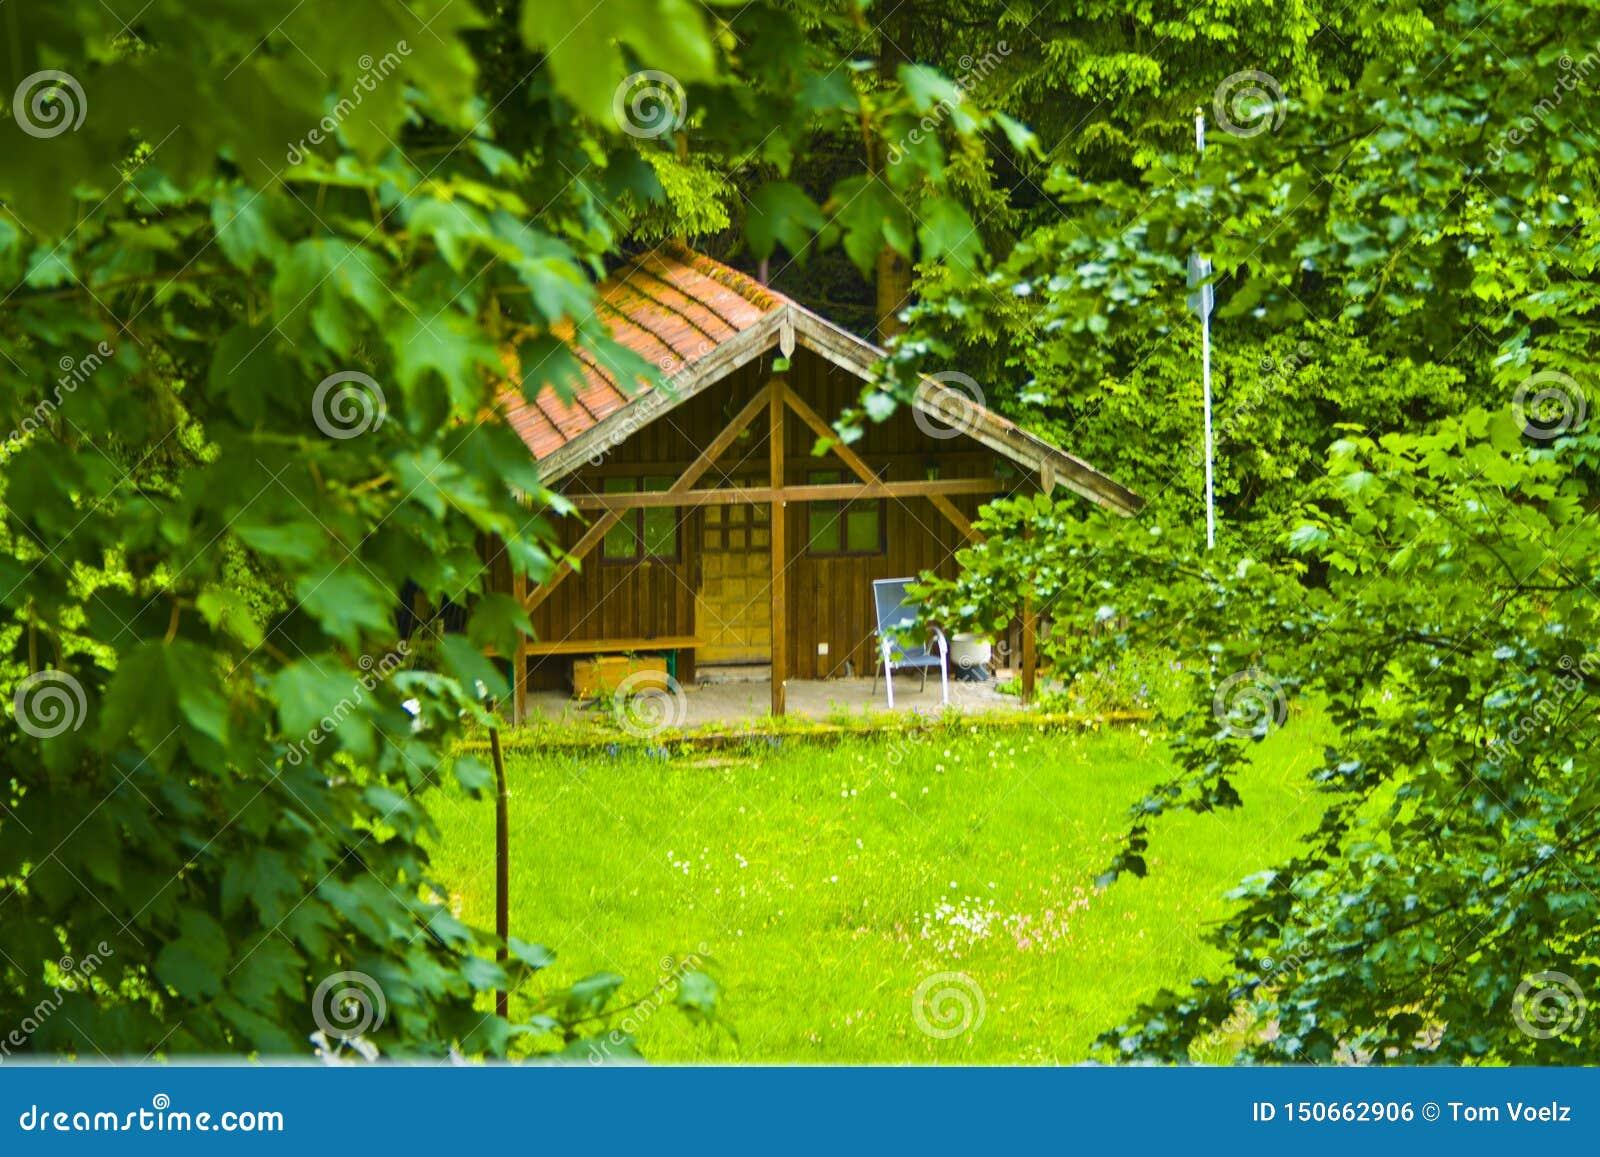 Kleine idyllische hölzerne Hütte im Wald von Bayern, Deutschland